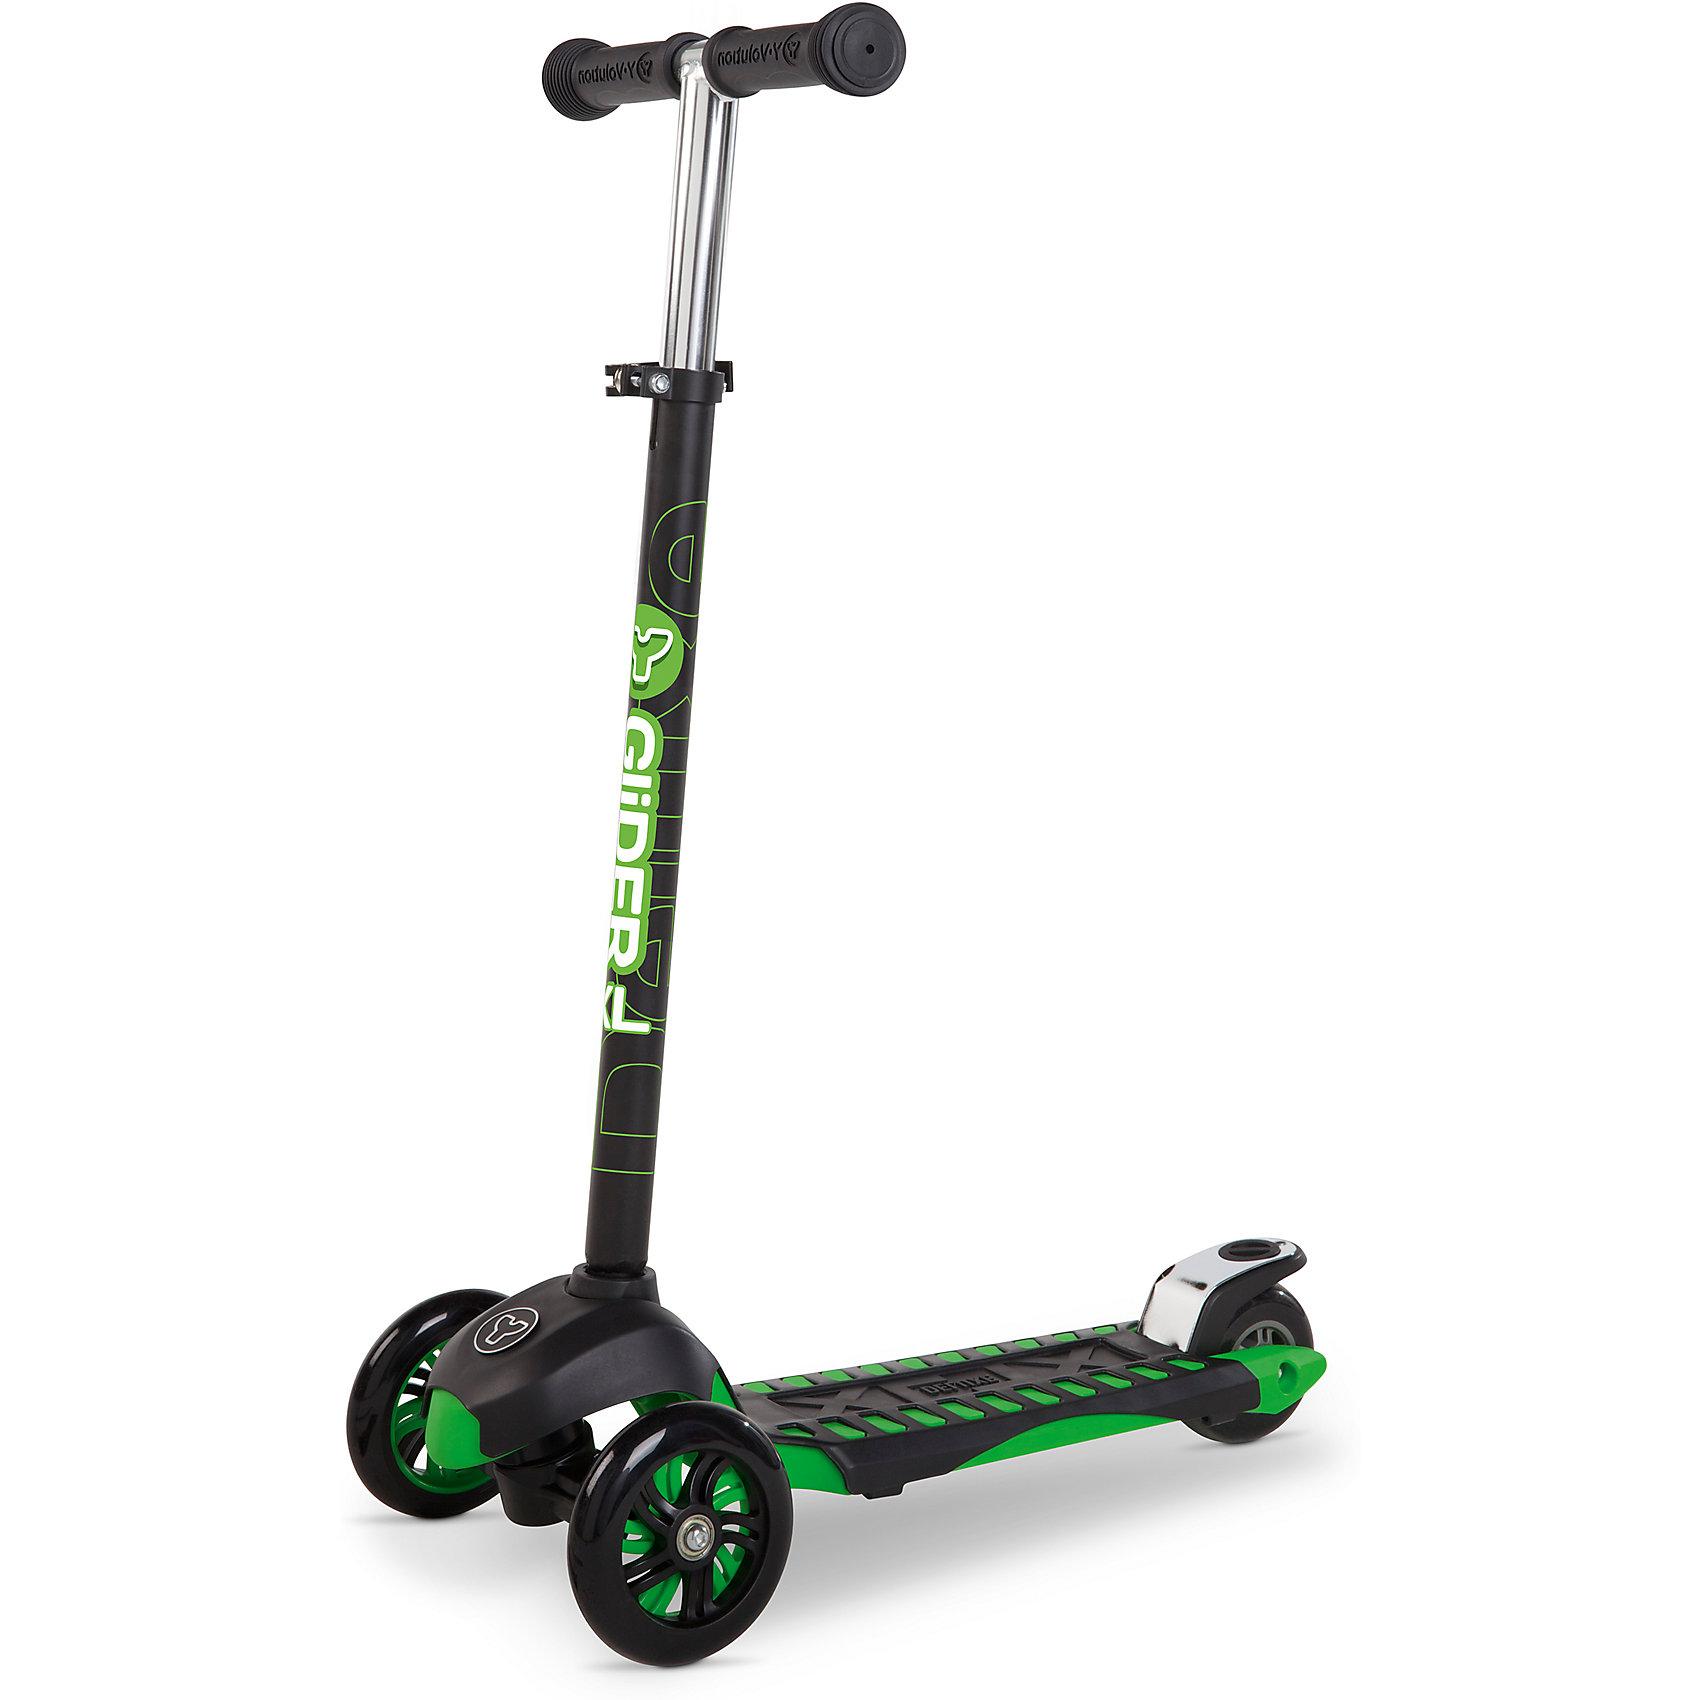 Трехколесный самокат Y-volution Glider XL Deluxe, зеленыйСамокаты<br>Характеристики товара:<br><br>• возраст: от 5 лет;<br>• максимальная нагрузка: 50 кг;<br>• материал: металл, пластик;<br>• материал колес: полиуретан;<br>• высота руля: 77-88 см;<br>• ножной тормоз;<br>• вес самоката: 2,8 кг;<br>• размер упаковки: 60х41х65 см;<br>• вес упаковки: 2,8 кг;<br>• страна производитель: Китай.<br><br>Трехколесный самокат Glider XL Deluxe Yvolution зеленый сделает активной и интересной летнюю прогулку. Он подойдет для катания по городским улочкам и паркам. Катание на самокате способствует физическому развитию ребенка, учит его координировать свои движения и держать равновесие. <br><br>Самокат оснащен удобным и простым в управлении рулевым механизмом, понятным даже начинающим райдерам. Для поворота рулевая стойка наклоняется в нужную сторону, что позволяет легко держать равновесие даже при повороте. Руль регулируется по высоте под растущего ребенка. Рулевую стойку можно вынуть из основания для хранения дома или транспортировки.<br><br>Колеса изготовлены из долговечного износостойкого полиуретана, который обеспечивает плавную и ровную езду. 2 передних колеса придают самокату хорошей устойчивости. Рифленая поверхность деки обеспечивает хорошее сцепление с поверхностью для безопасной езды. Ножной тормоз гарантирует быстрое торможение перед препятствием. Рама изготовлена из прочного материала, выдерживающего большие нагрузки.<br><br>Трехколесный самокат Glider XL Deluxe Yvolution зеленый можно приобрести в нашем интернет-магазине.<br><br>Ширина мм: 600<br>Глубина мм: 410<br>Высота мм: 650<br>Вес г: 2800<br>Возраст от месяцев: 60<br>Возраст до месяцев: 2147483647<br>Пол: Унисекс<br>Возраст: Детский<br>SKU: 6679956